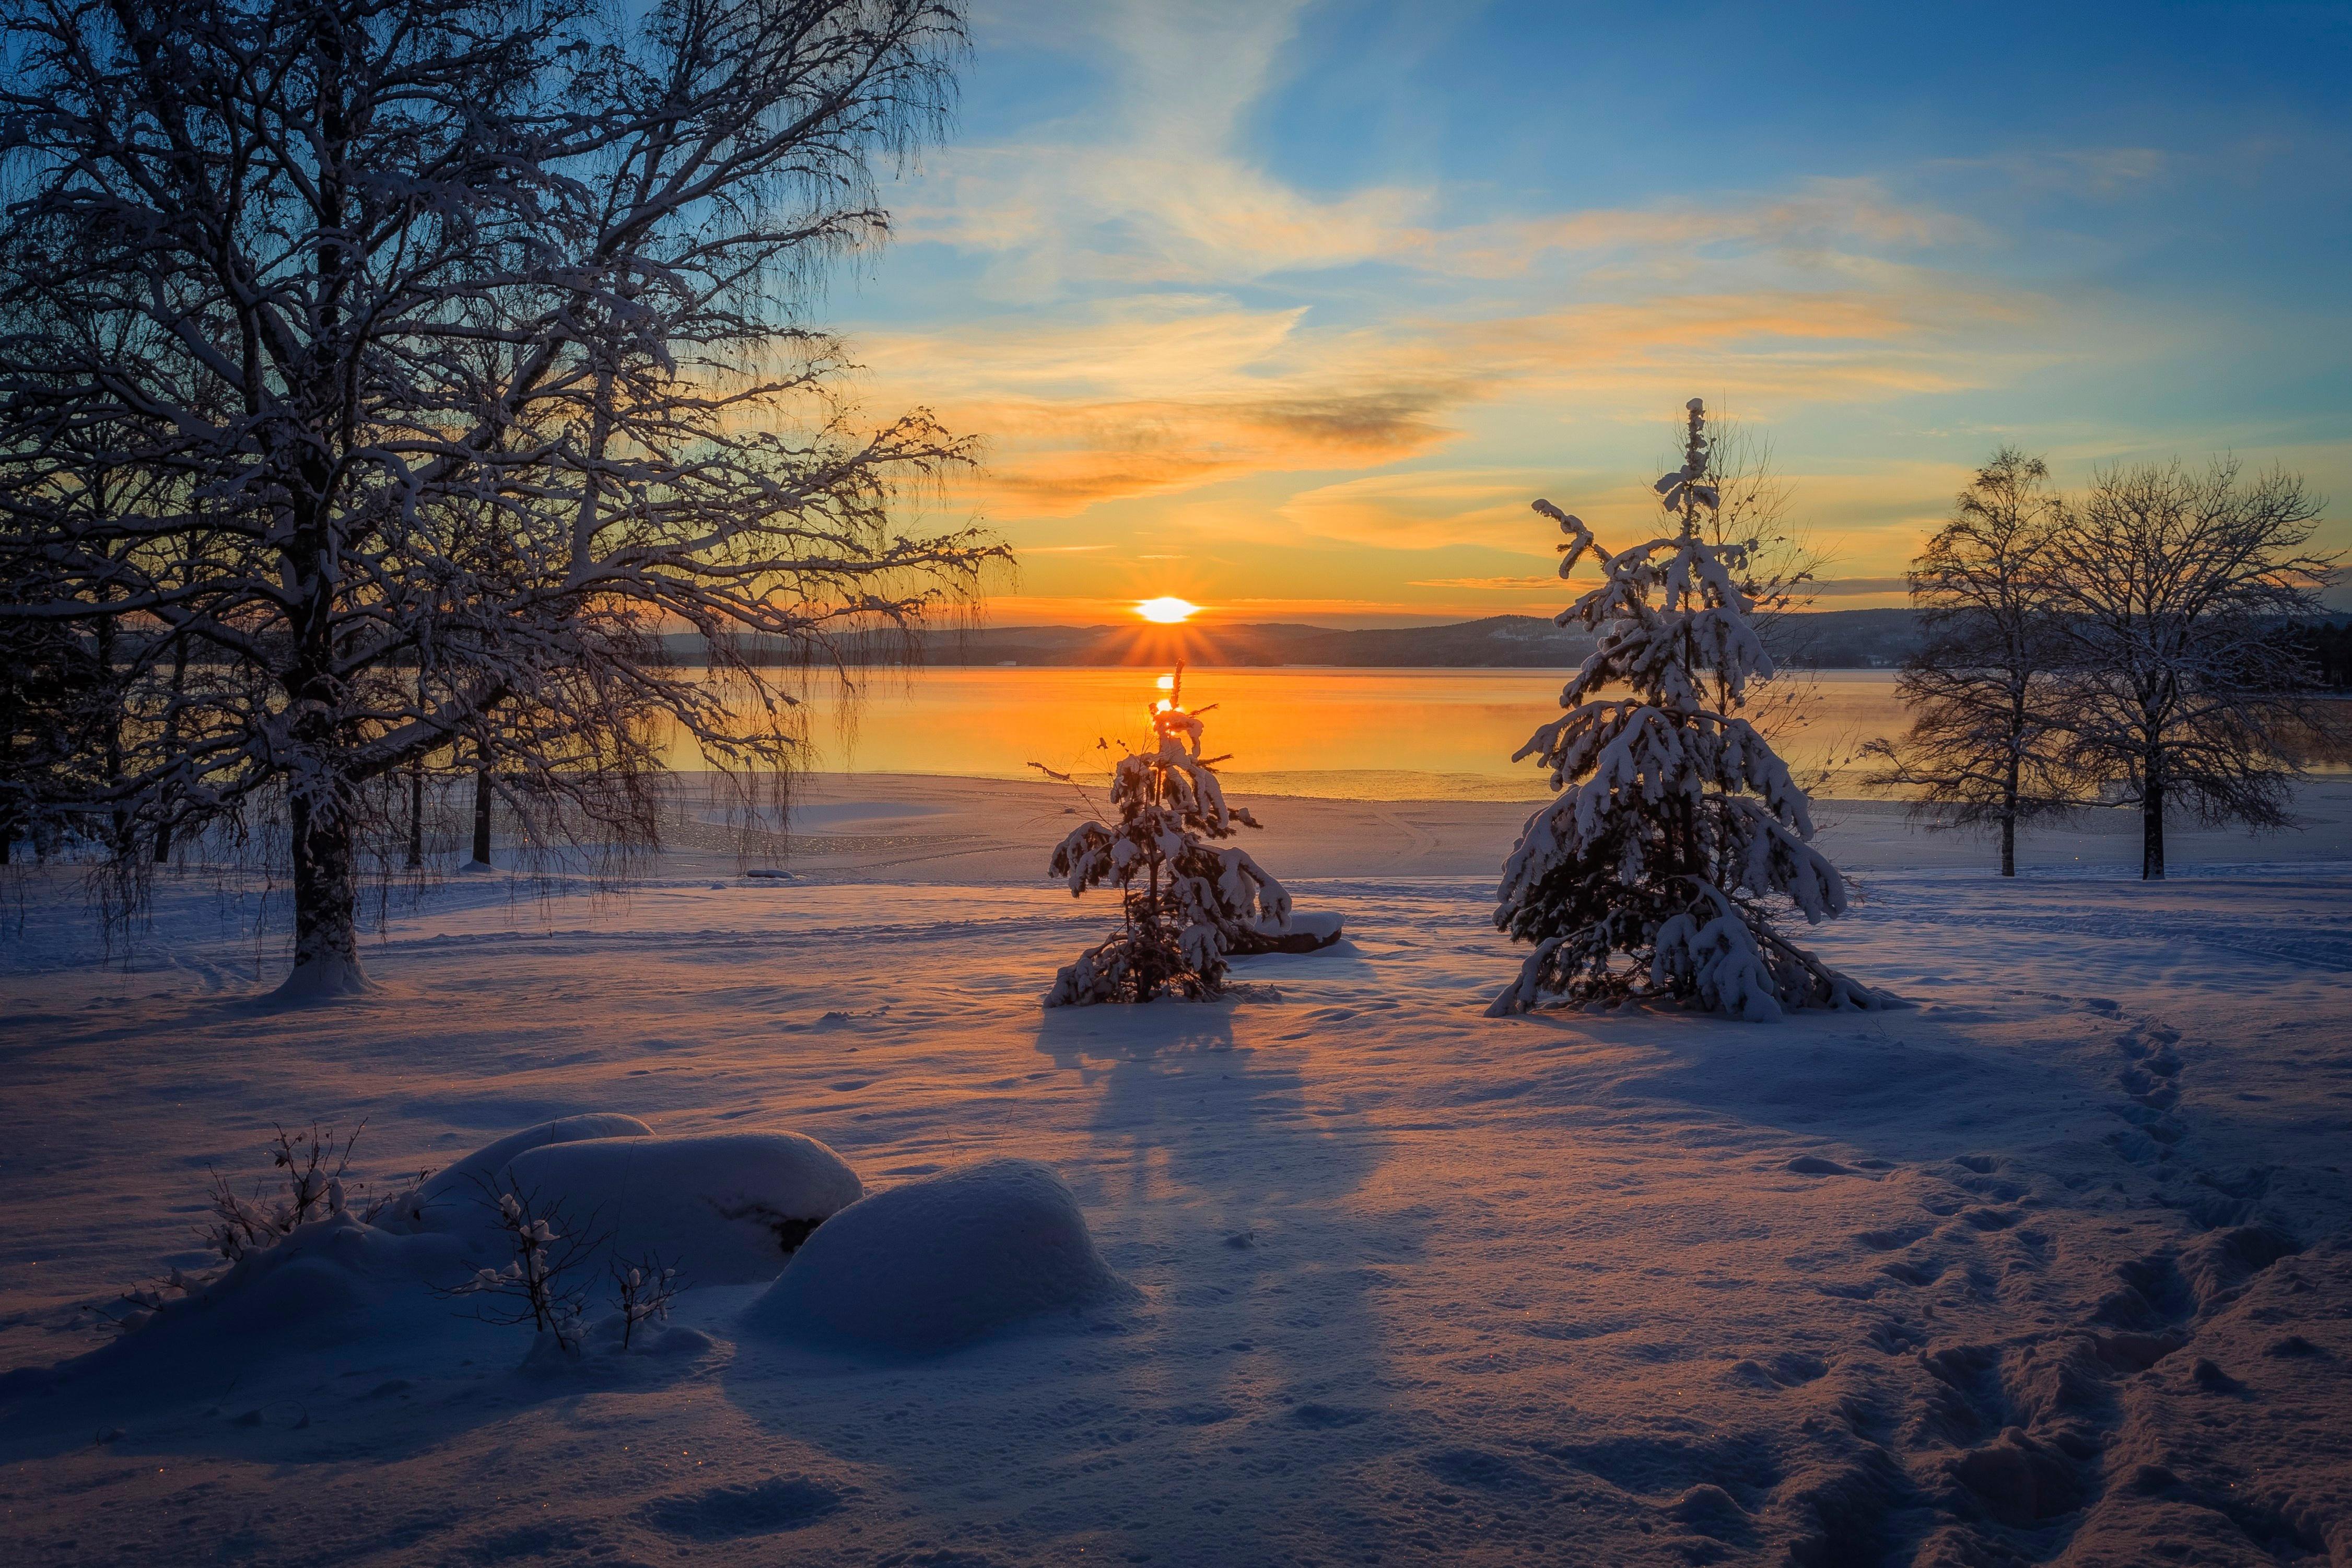 больше моде восход зимой фото часто такое пишу